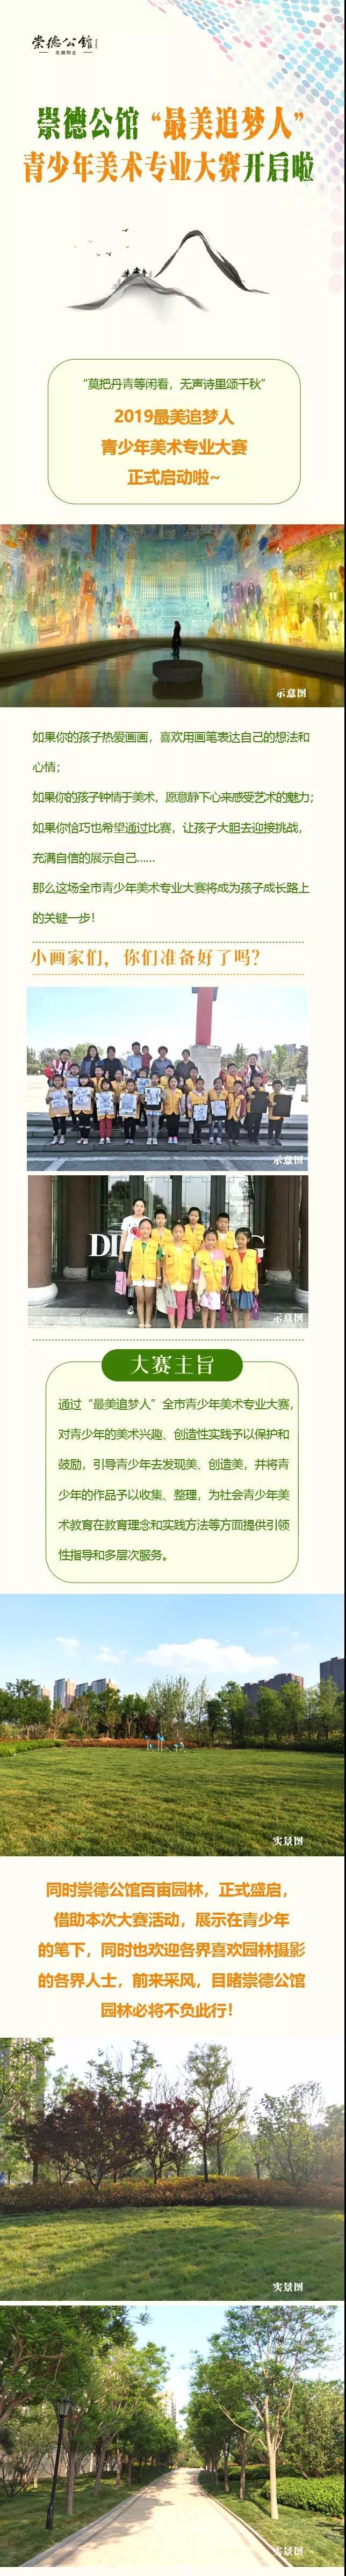 """崇德公馆 """"最美追梦人"""" 青少年美术专业大赛开启啦"""